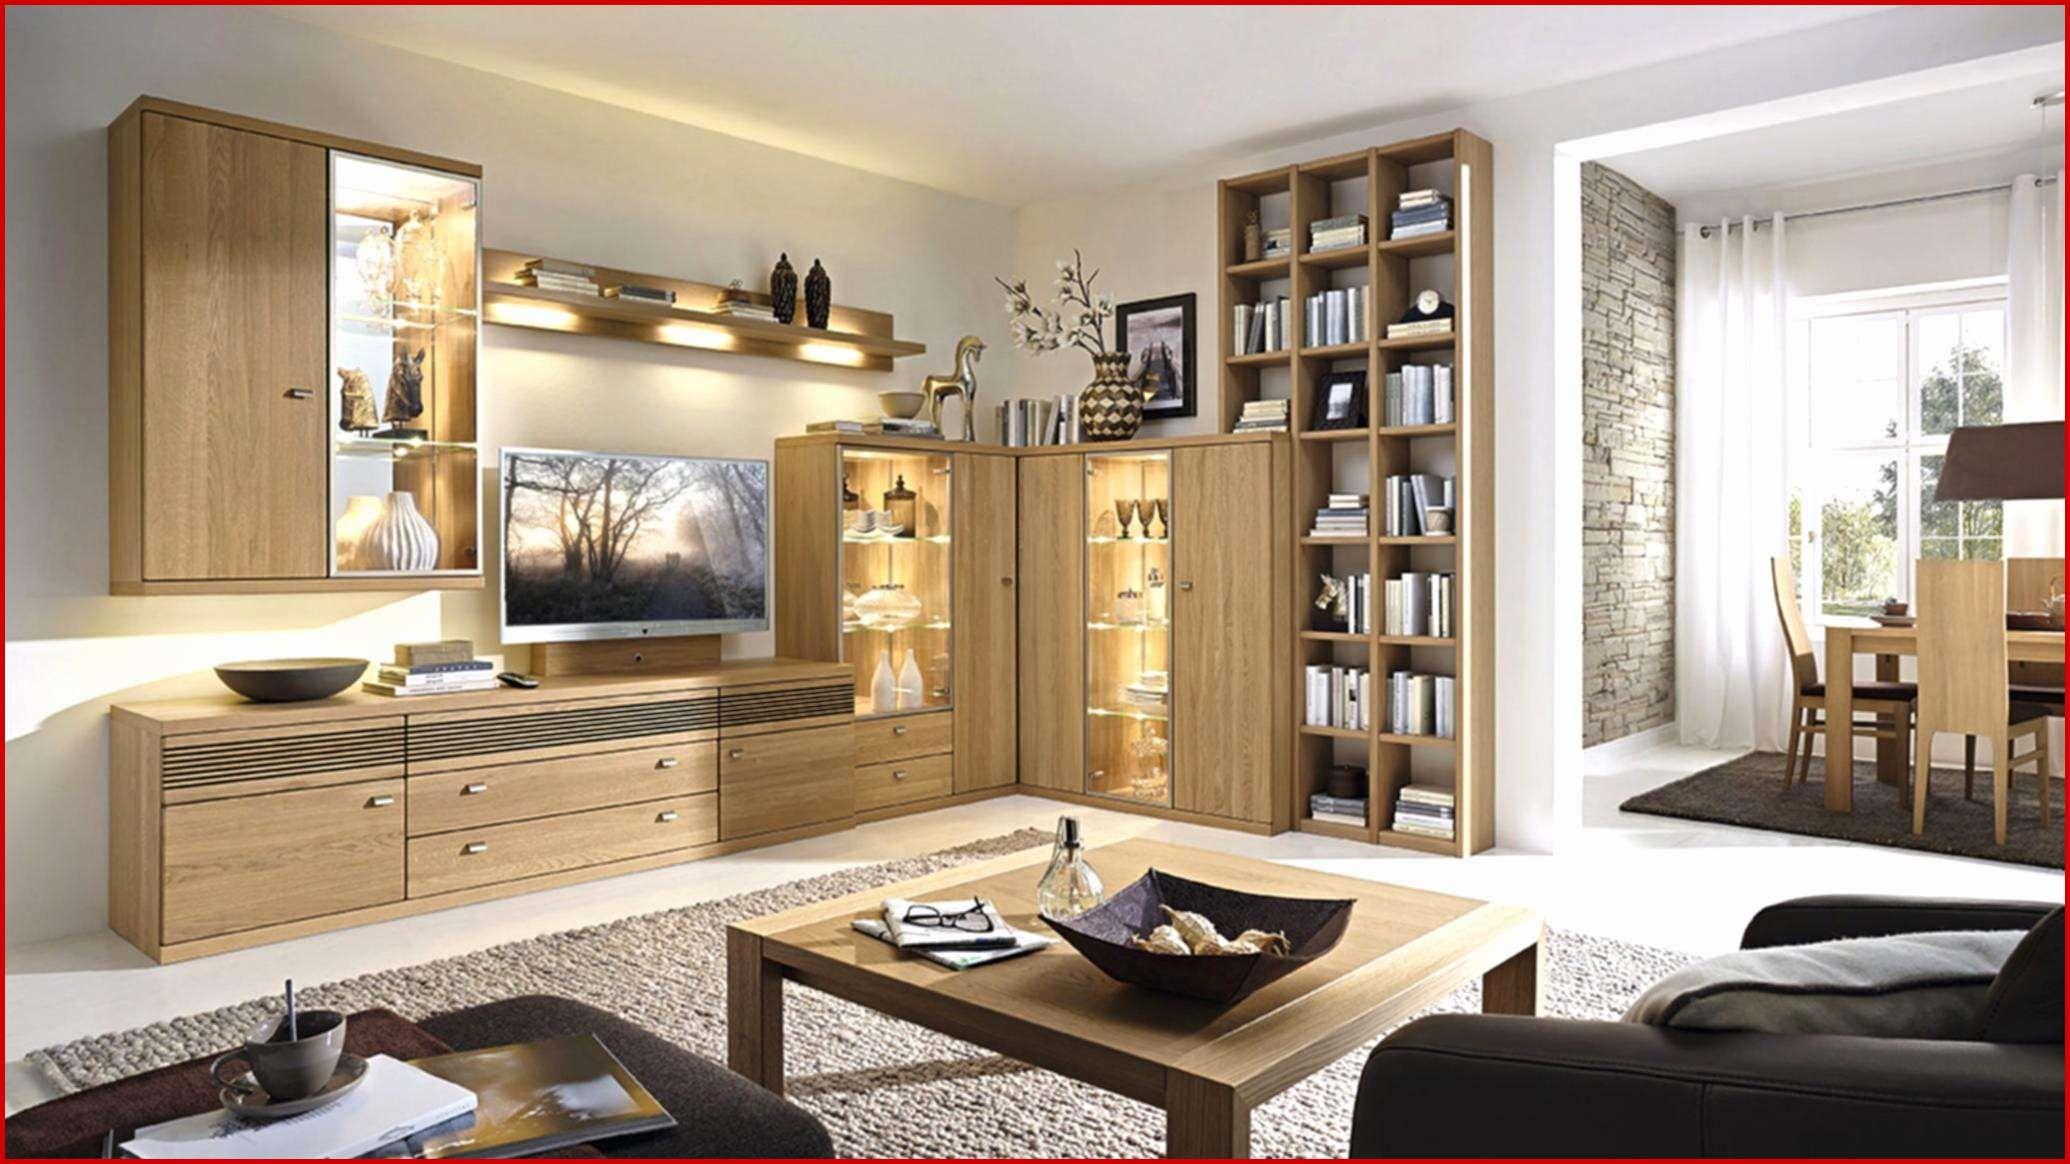 Wohnwand Modern Eiche Wohnwand Ecke Eck Wohnwand Modern Schon Eck Wohnwand In 2020 Home Home Decor Furniture